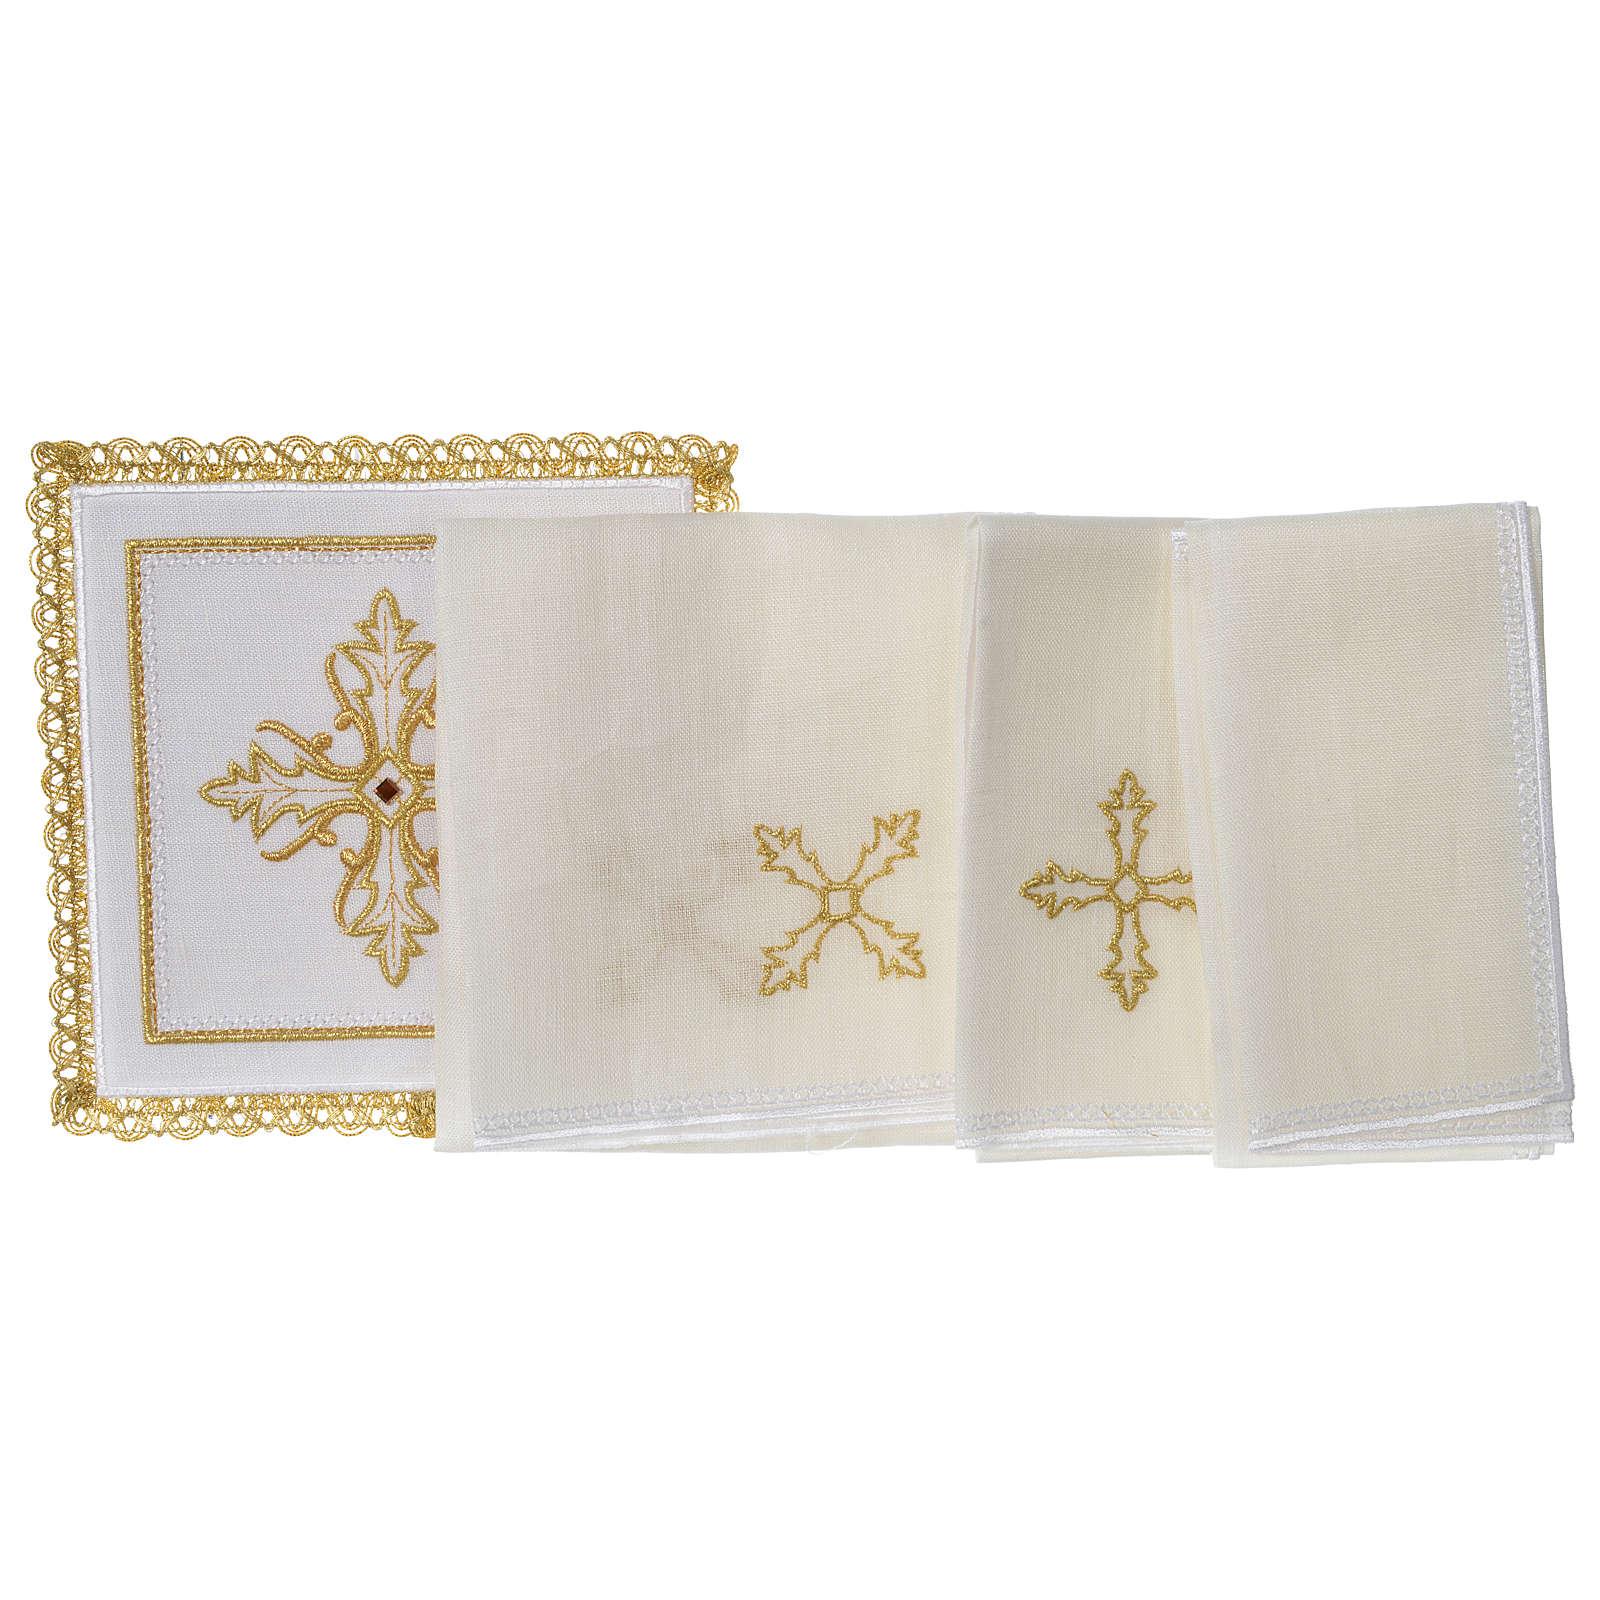 Servizio da altare 100% lino Croce pietra 4